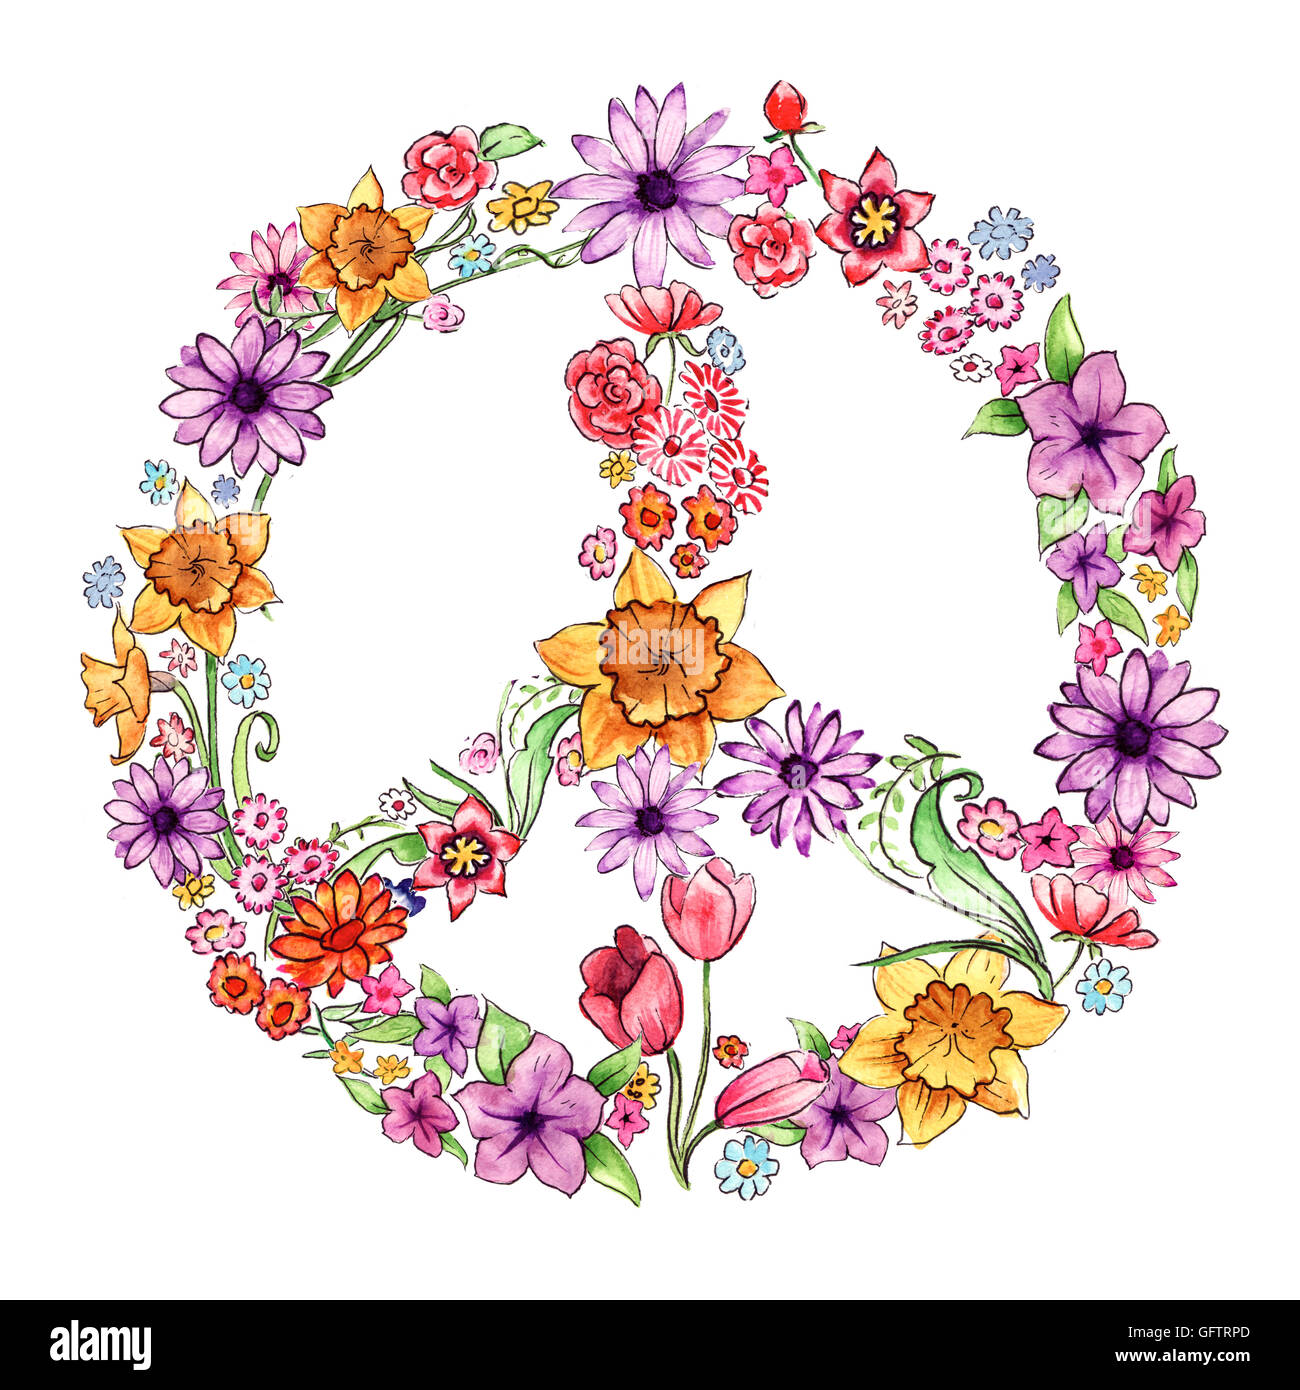 Flores pintados a mano y organizados en la forma de un símbolo de la paz Imagen De Stock